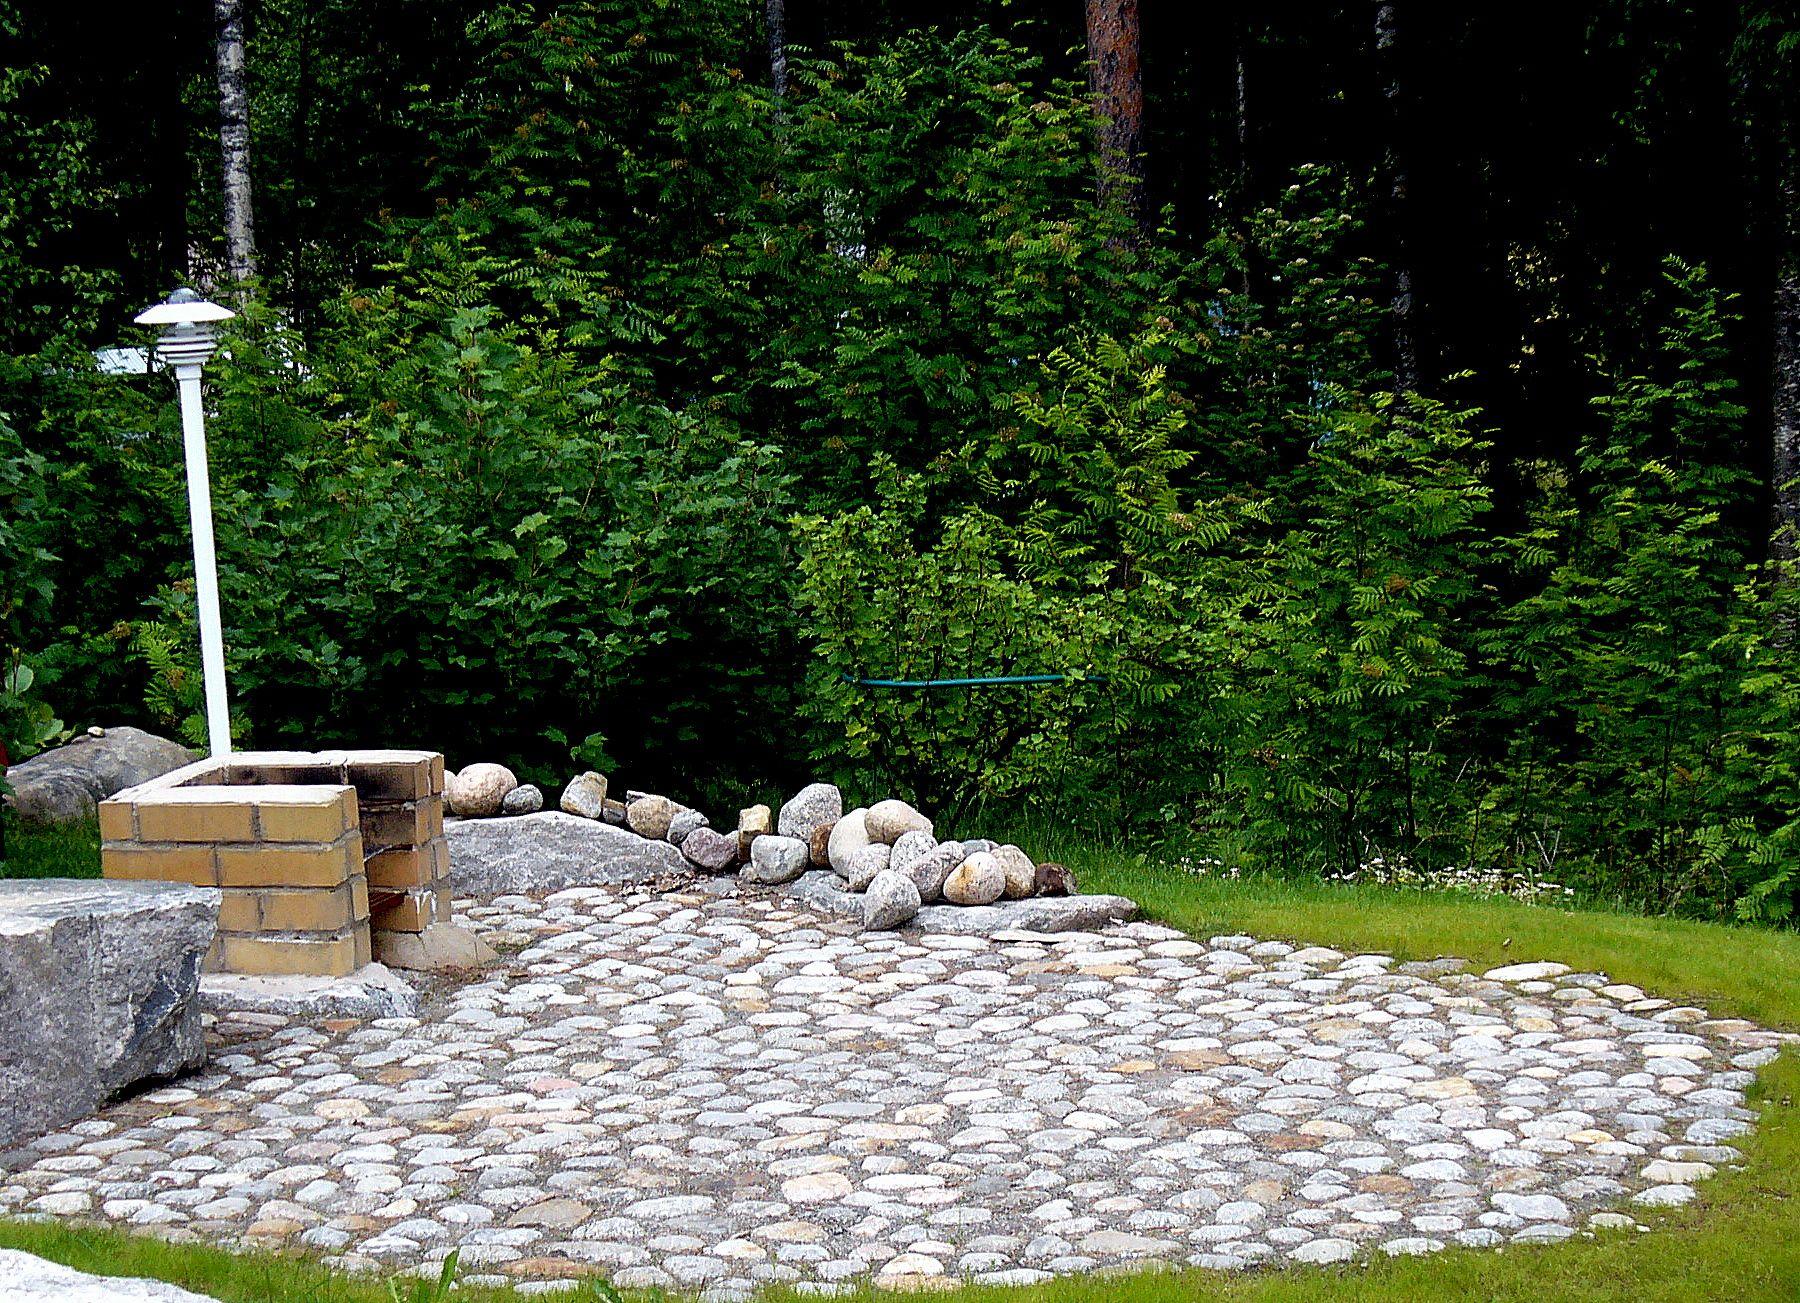 Hyvin tehty piha tuo iloa vuosiksi eteenpäin. Soita, tehdään sinulle ihana piha. Aalman Oy - kivityöt, 0400 159434. Kuvassa kiveyksessä käytetty seulanpääkiveä.